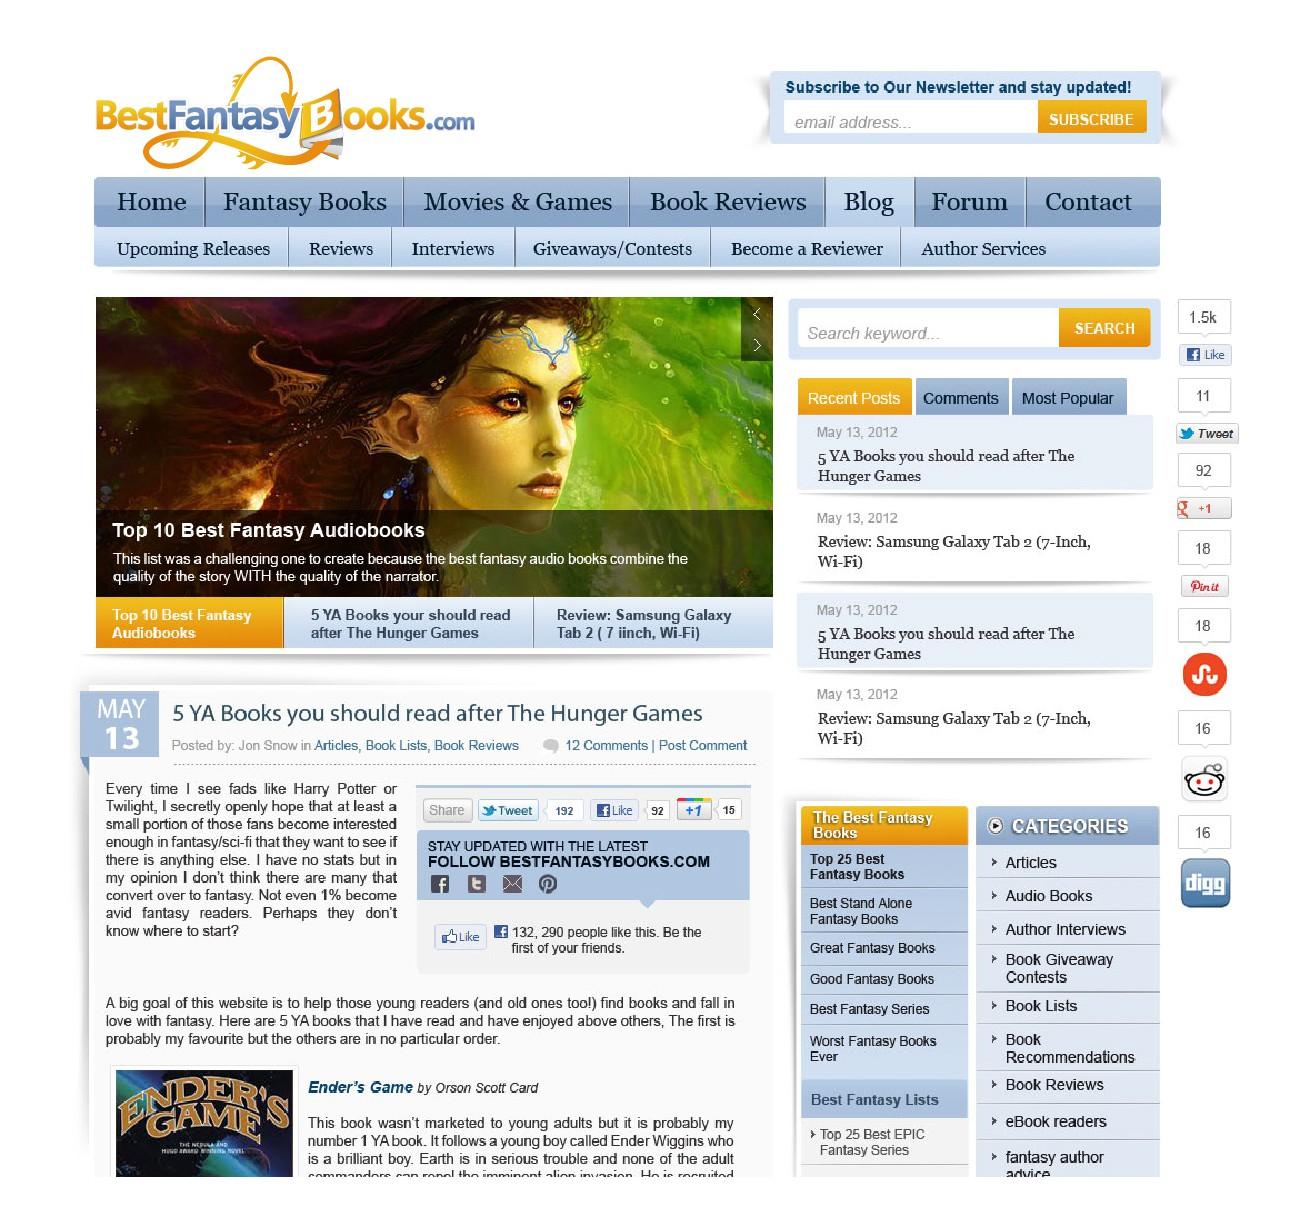 BestFantasyBooks.com needs a new logo